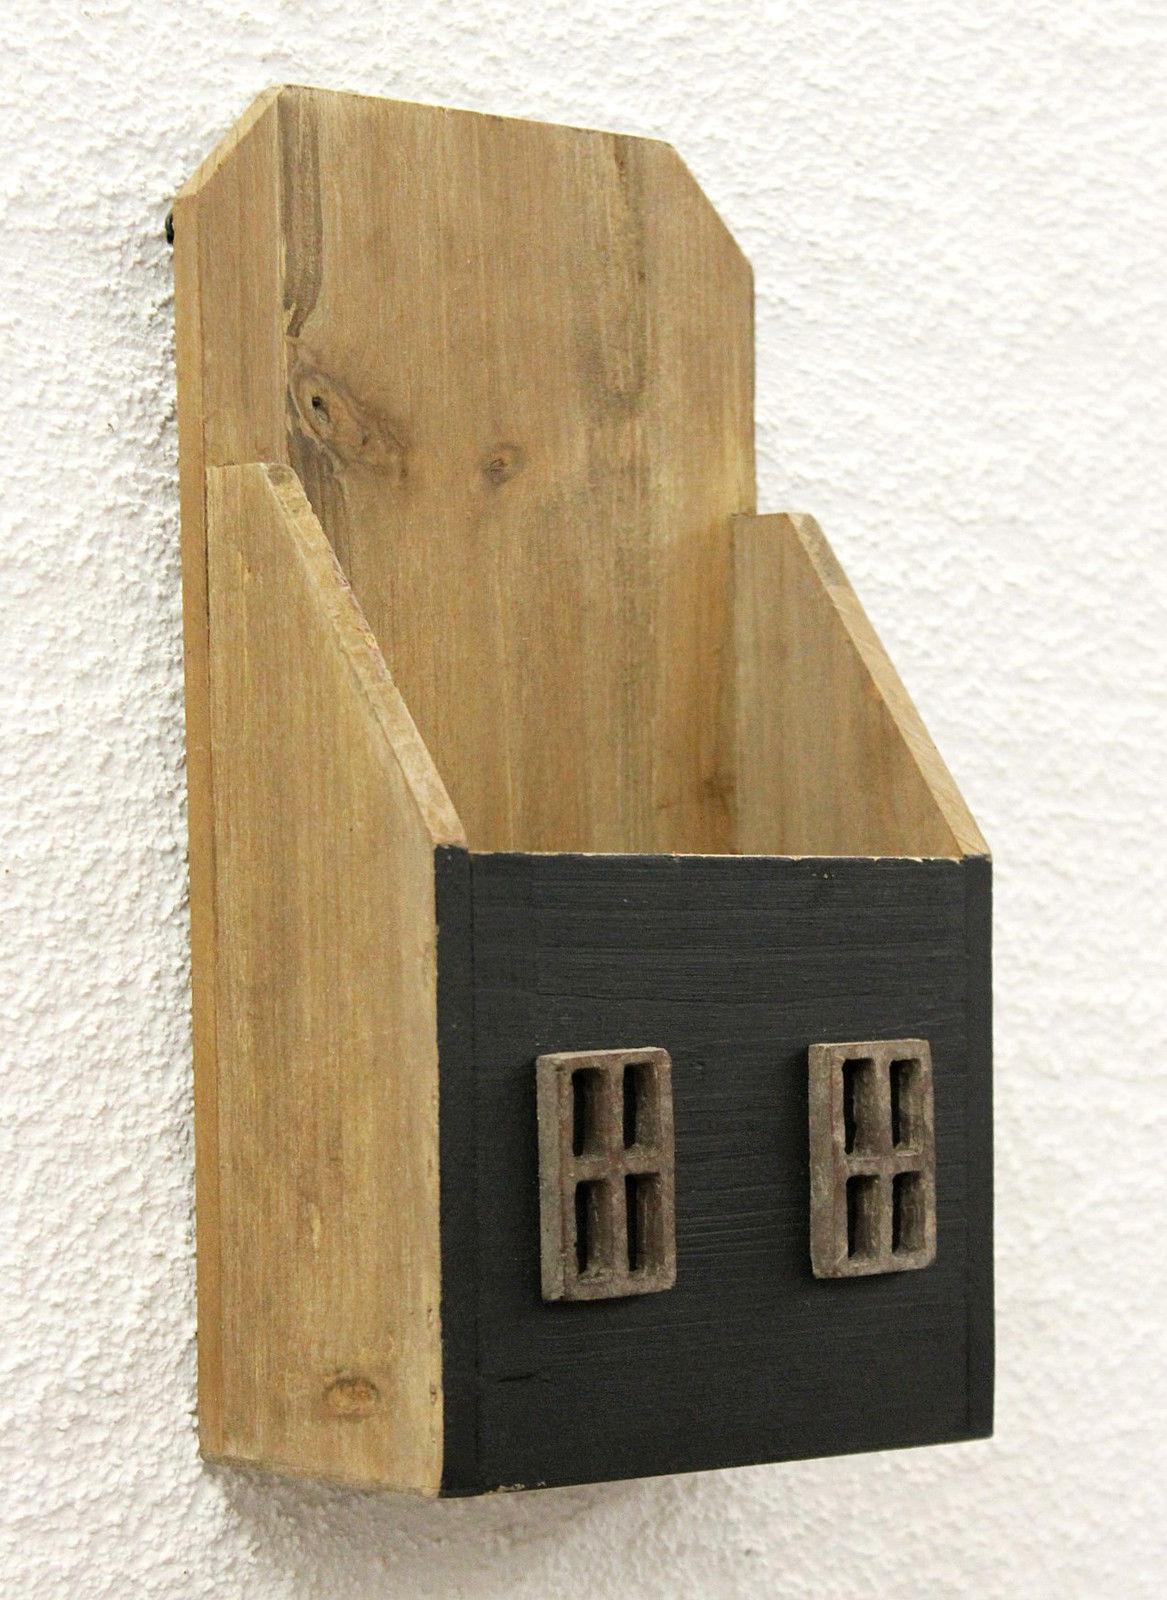 briefablage yx 14b196 wandhalter wandregal shabby 27 cm setzkasten blumenhalter 8810220141962 ebay. Black Bedroom Furniture Sets. Home Design Ideas